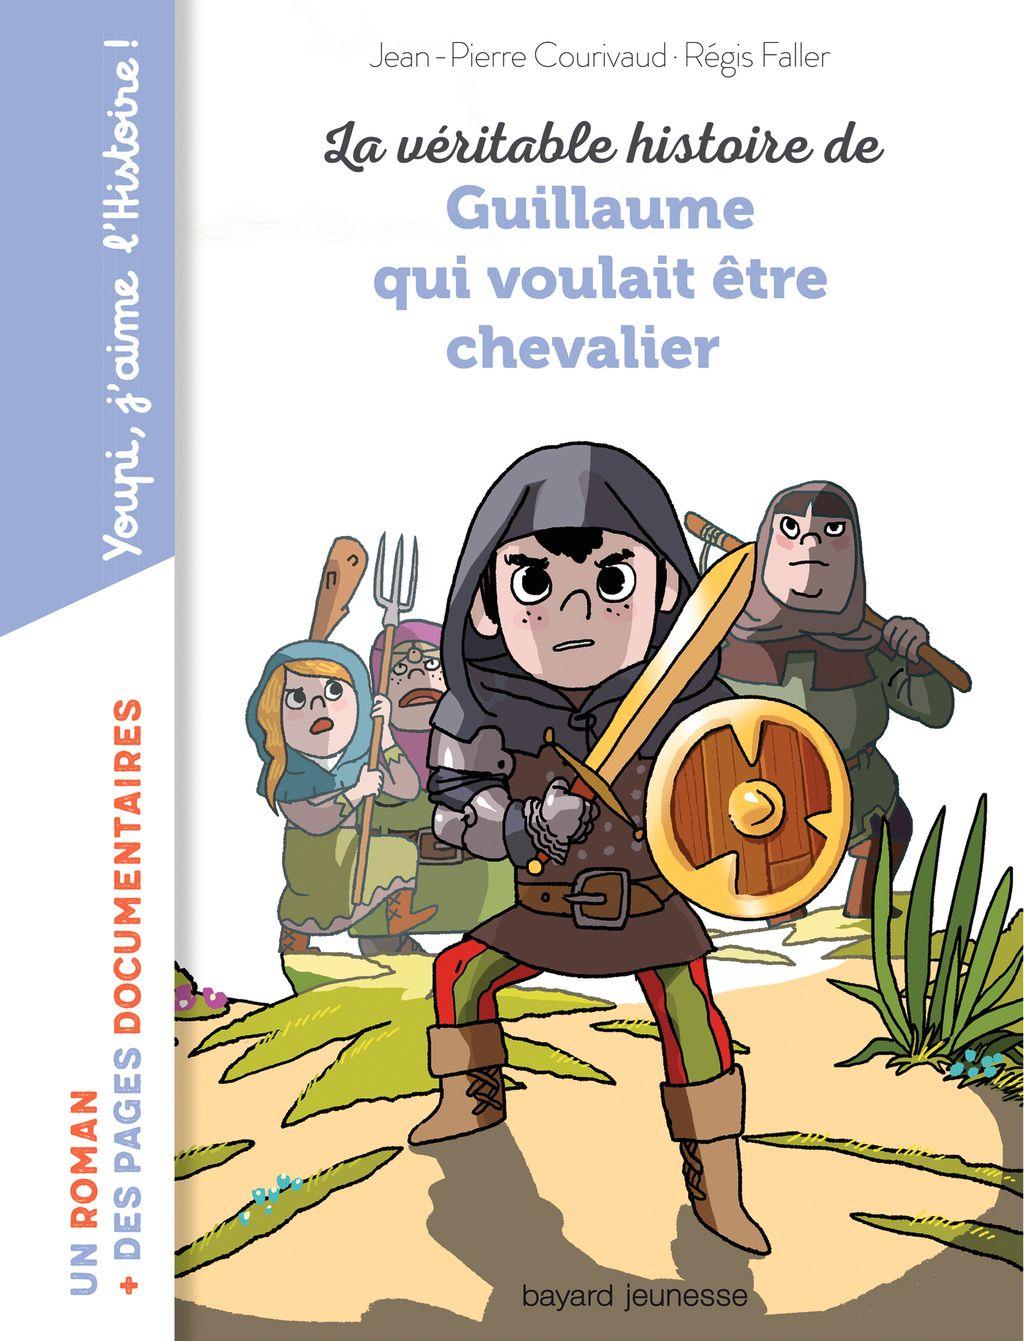 «La véritable histoire de Guillaume qui voulait être chevalier» cover